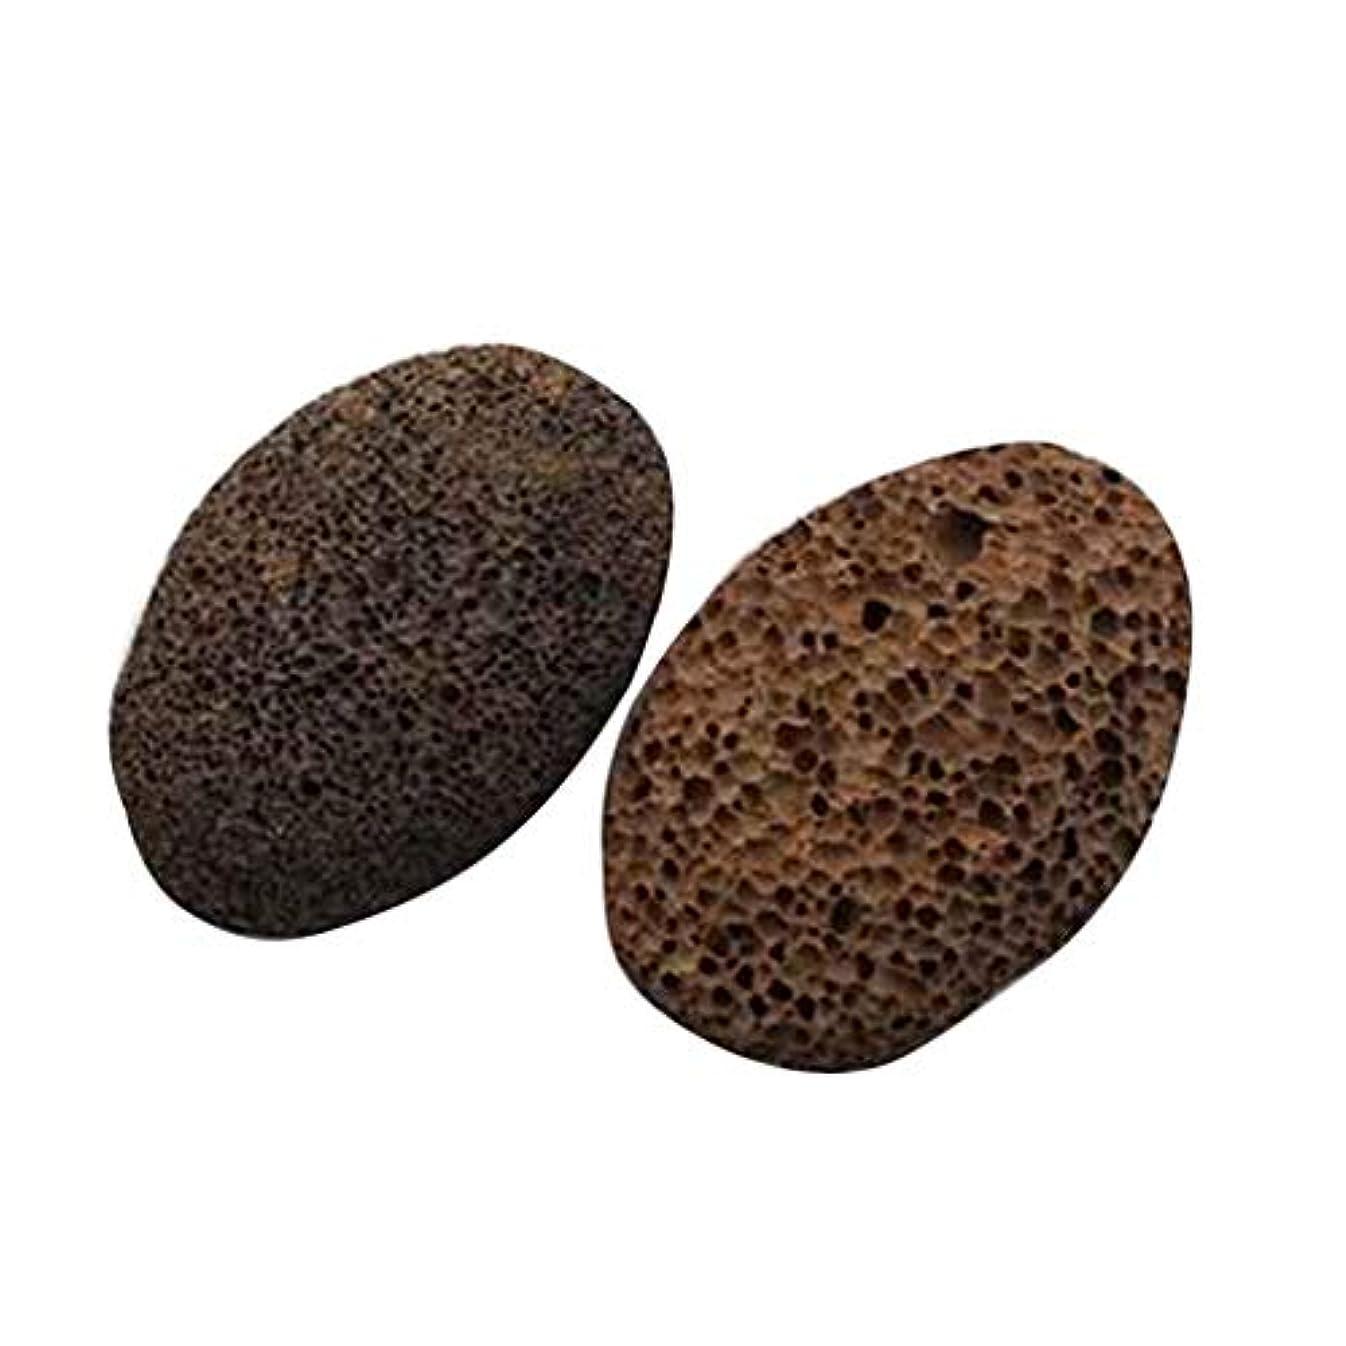 眠いです艦隊没頭するNerhaily 死んだ皮軽石を取り除き 足石を挽いて 自然の火山石を剥がします 足マッサージ石 ワイプ足石 2個セット